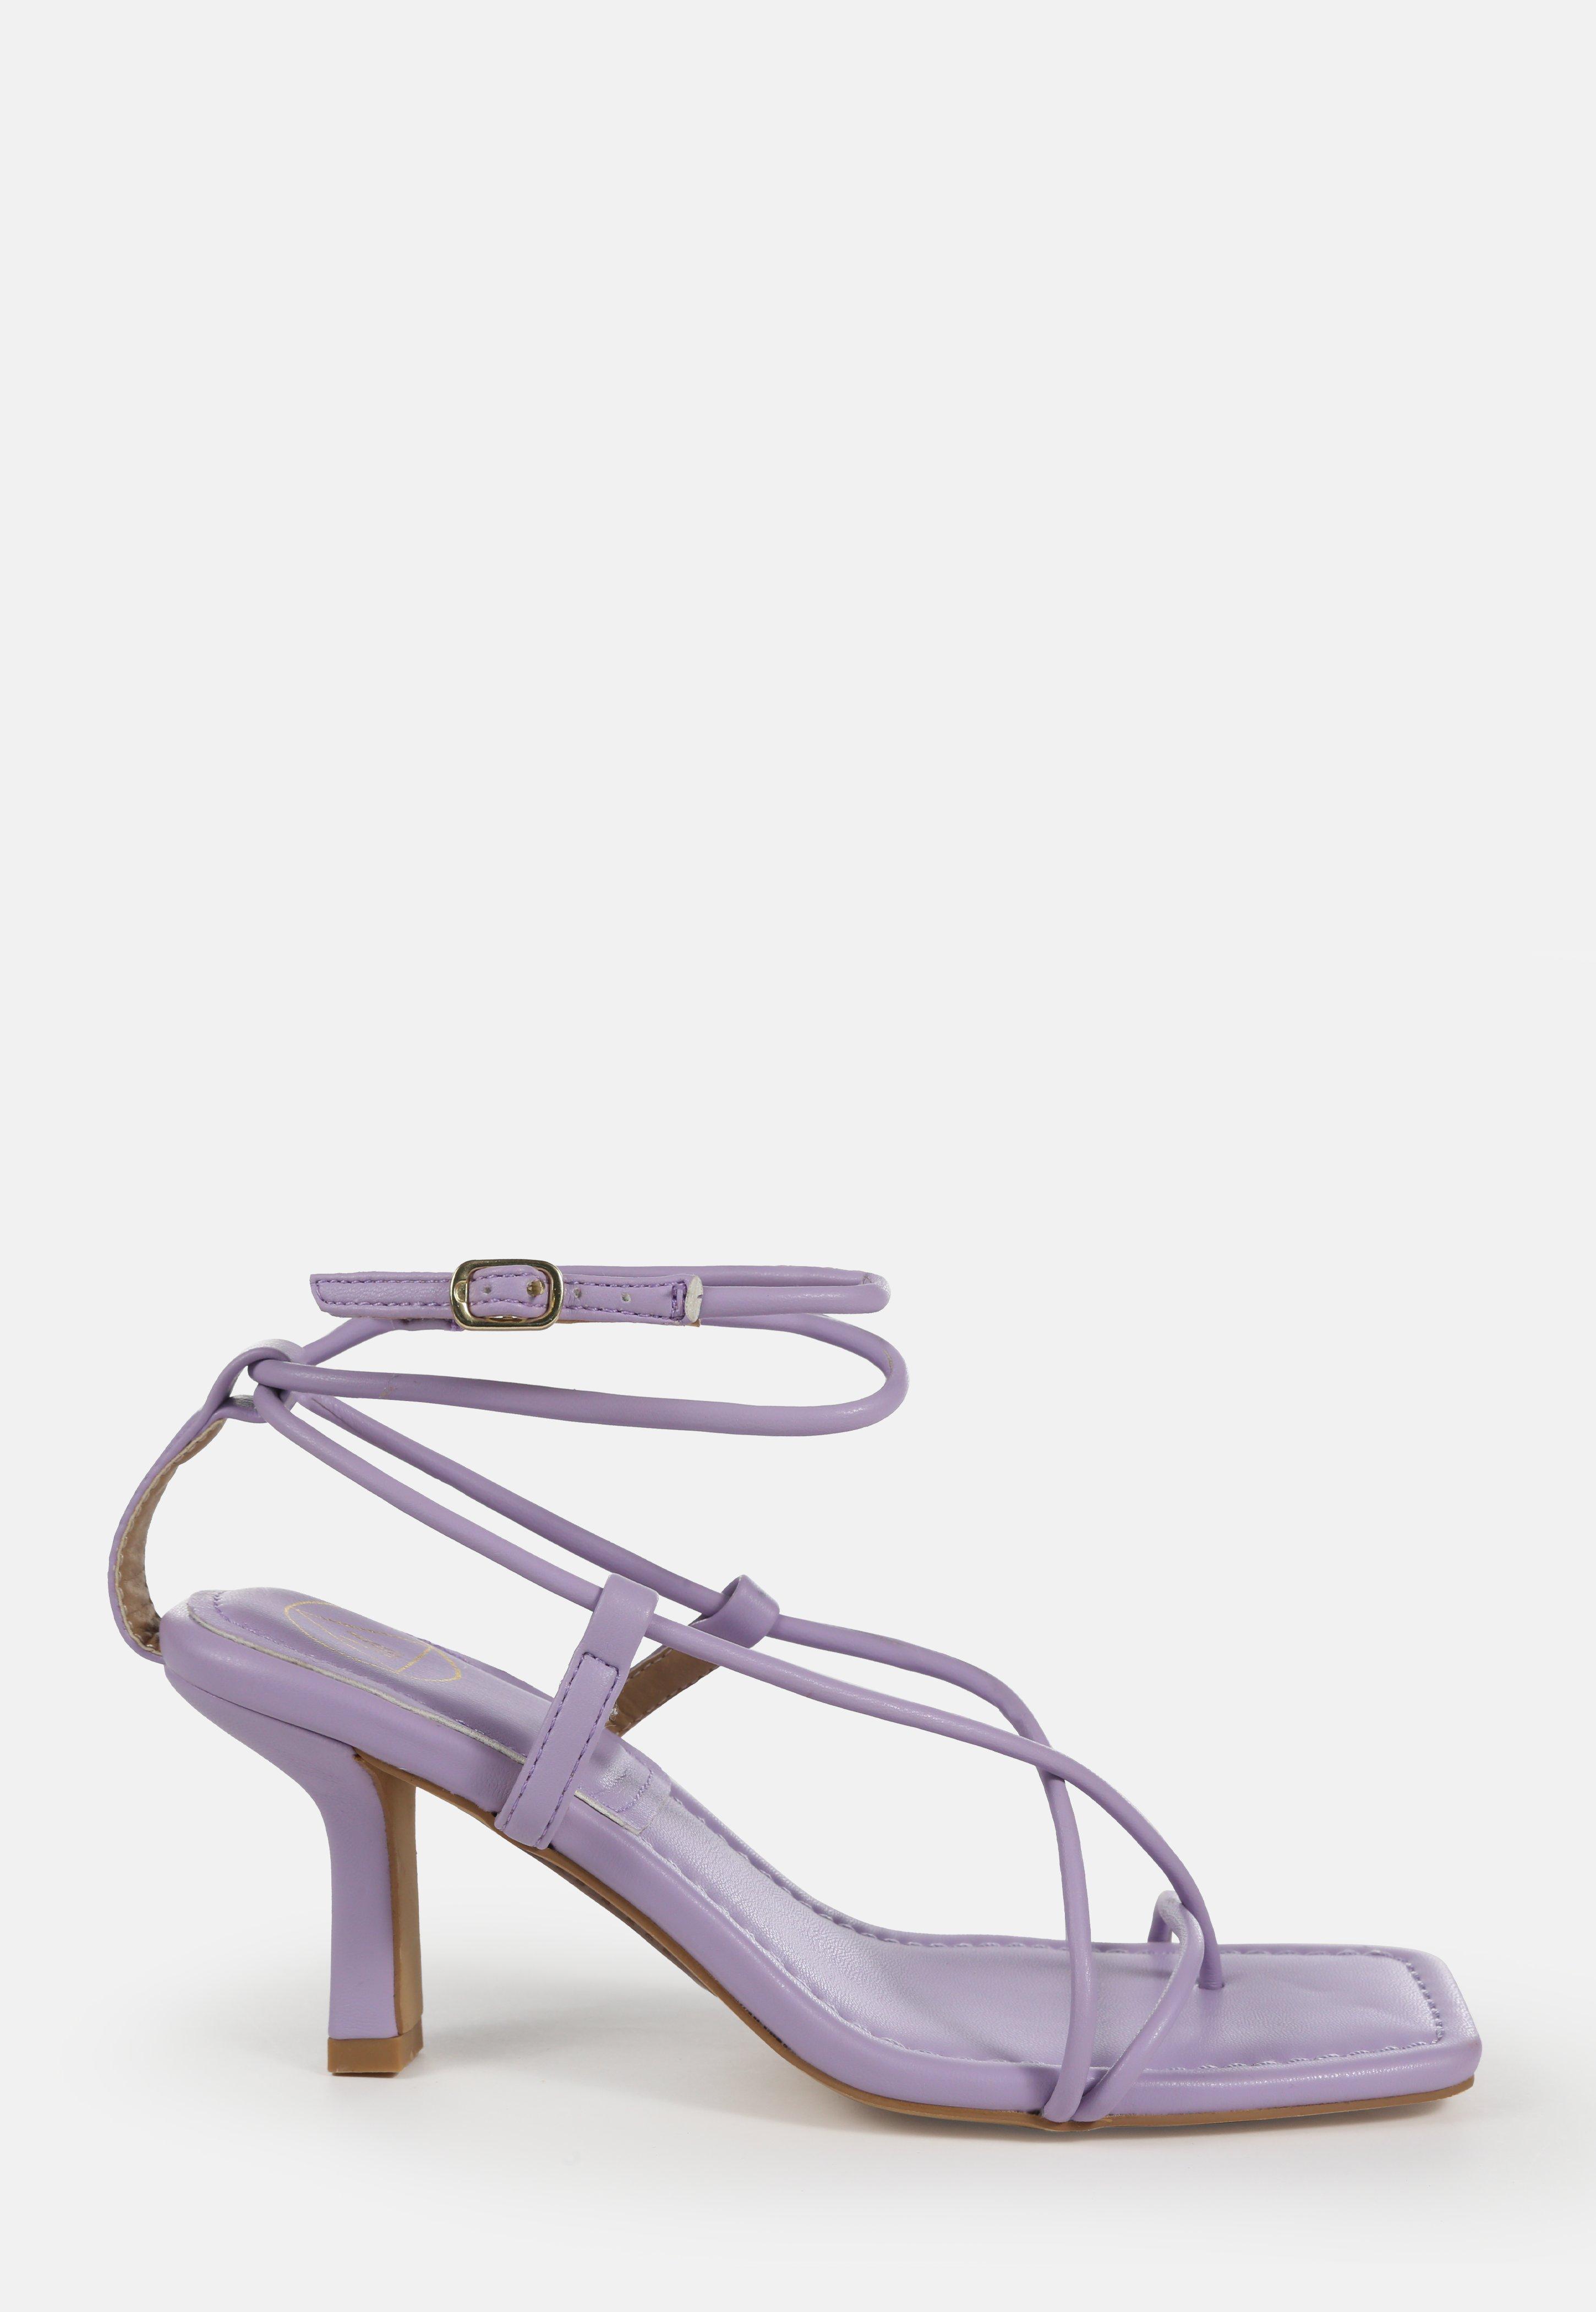 Mesdames Missguided Serpent Front Zip Pin Talon Chaussures UK 4 Entièrement neuf dans sa boîte Bleu